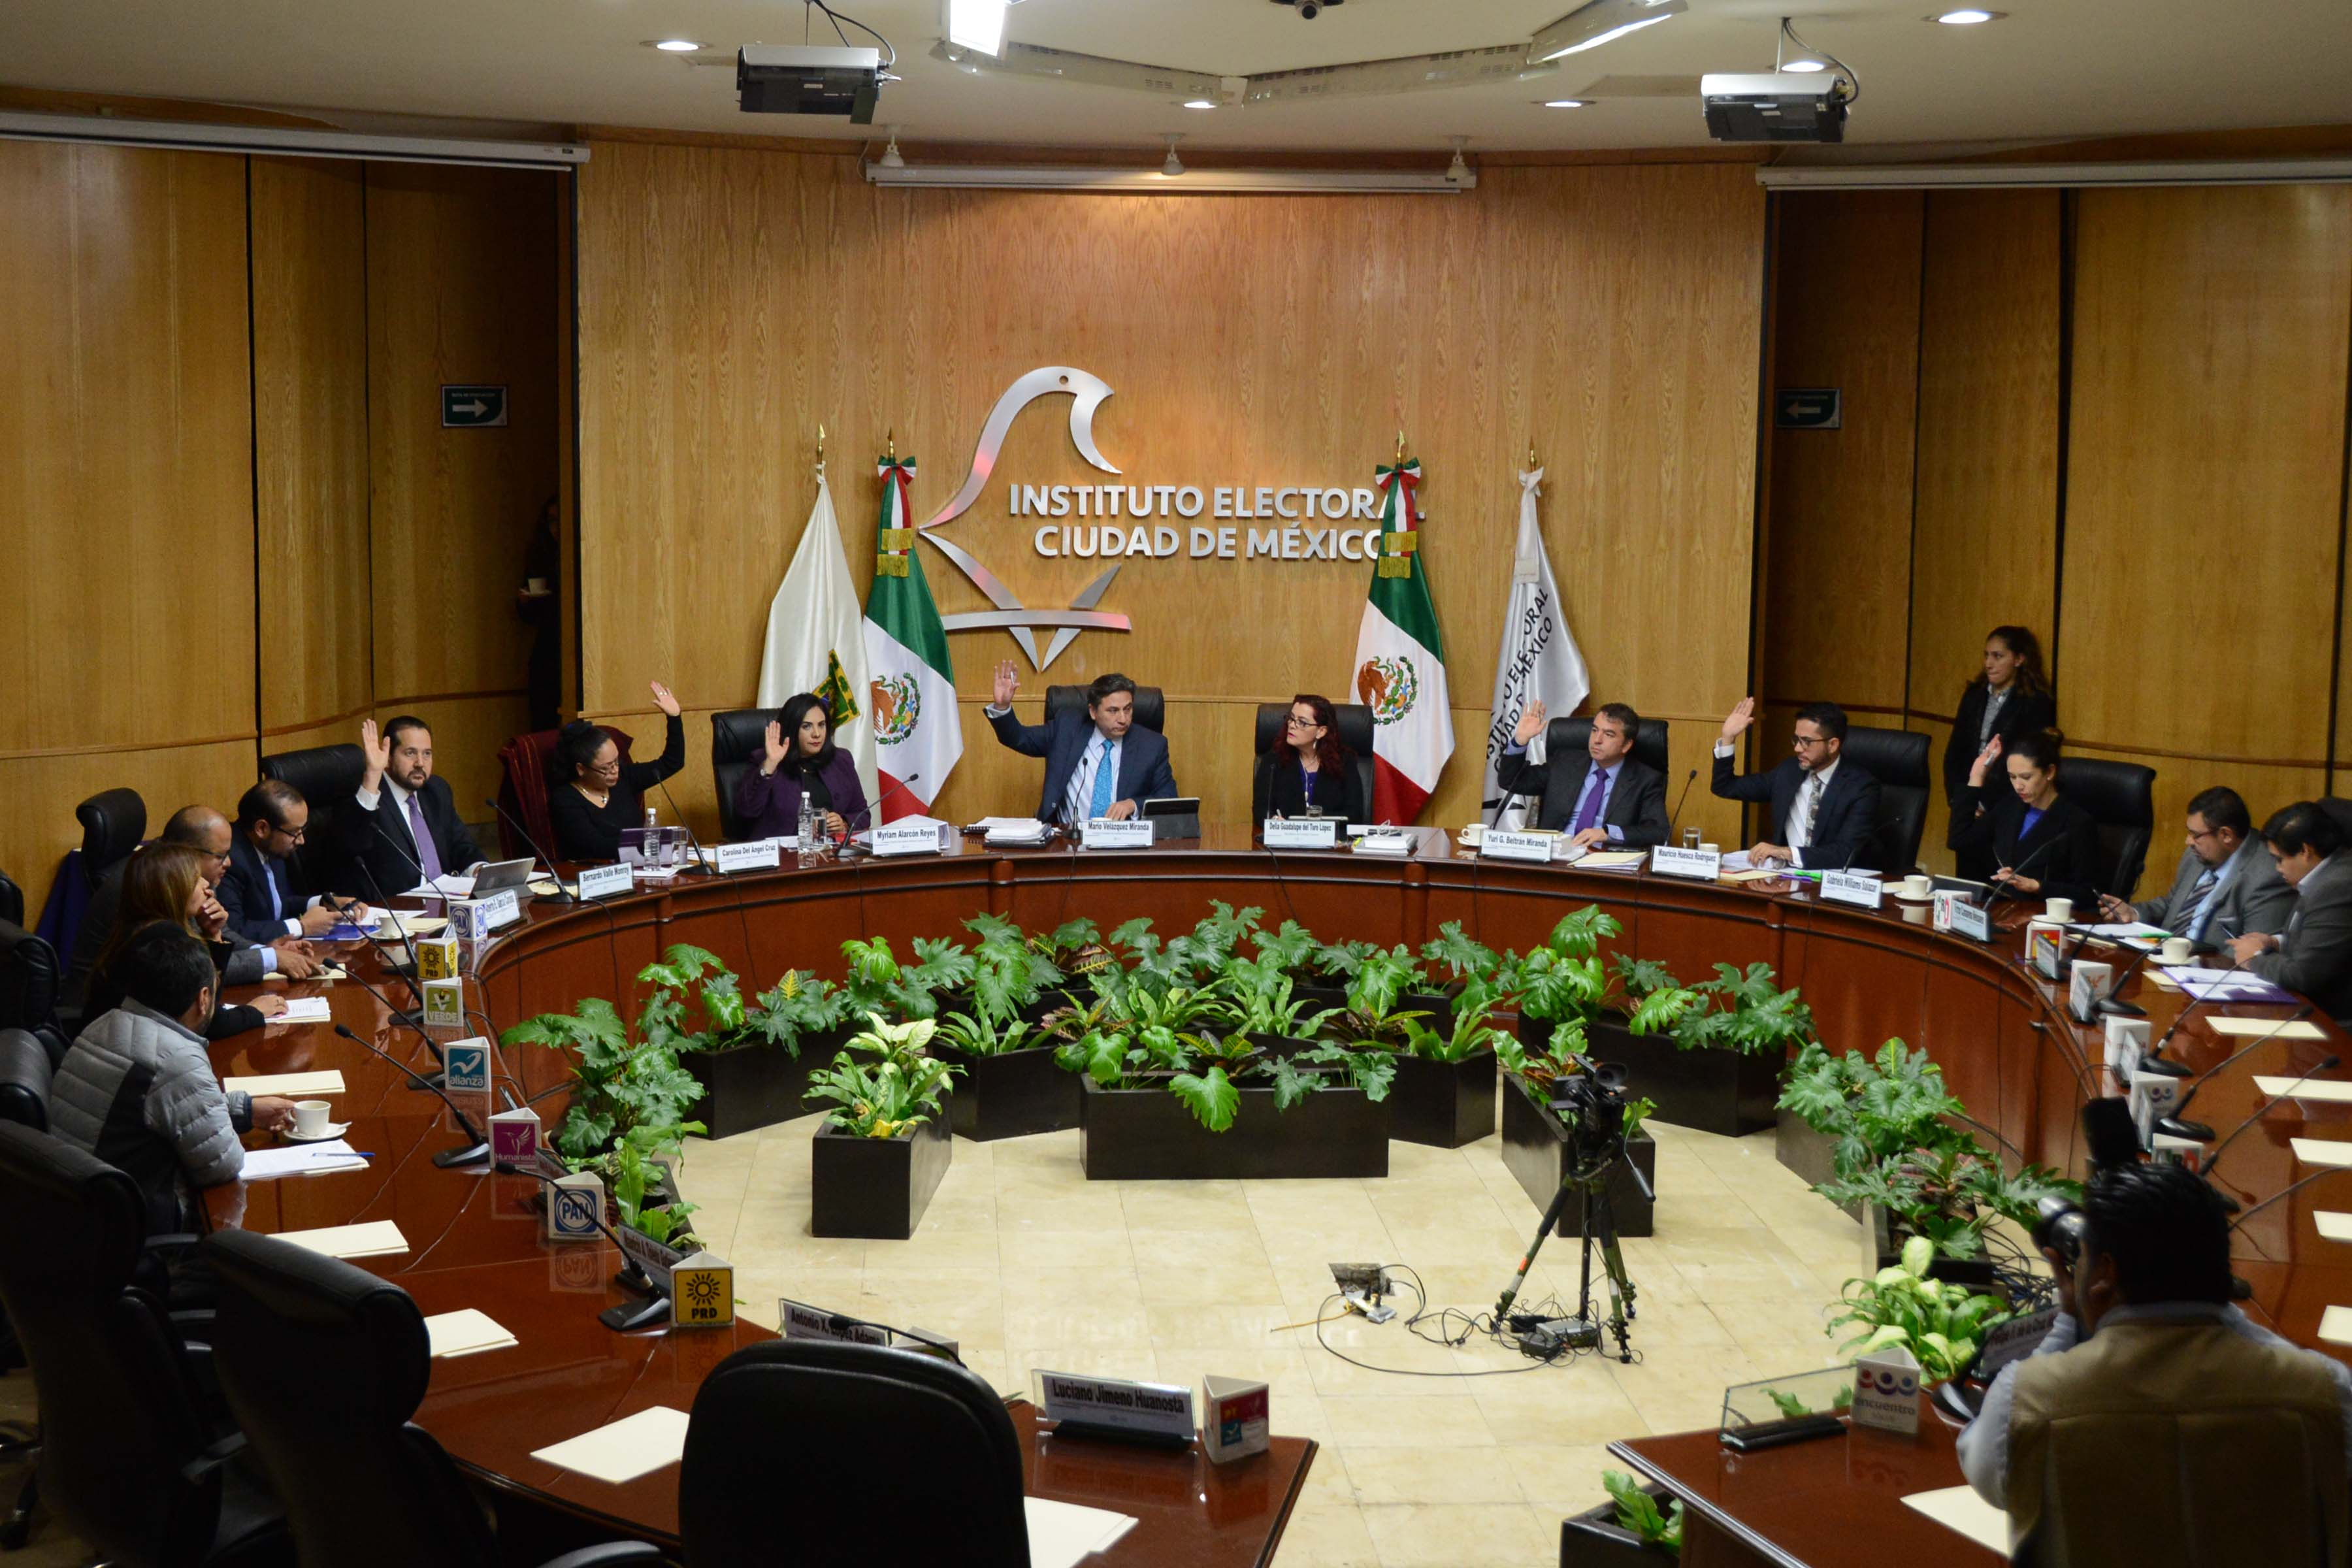 Impone IECM multas a partidos, por irregularidades en gasto ordinario 2015